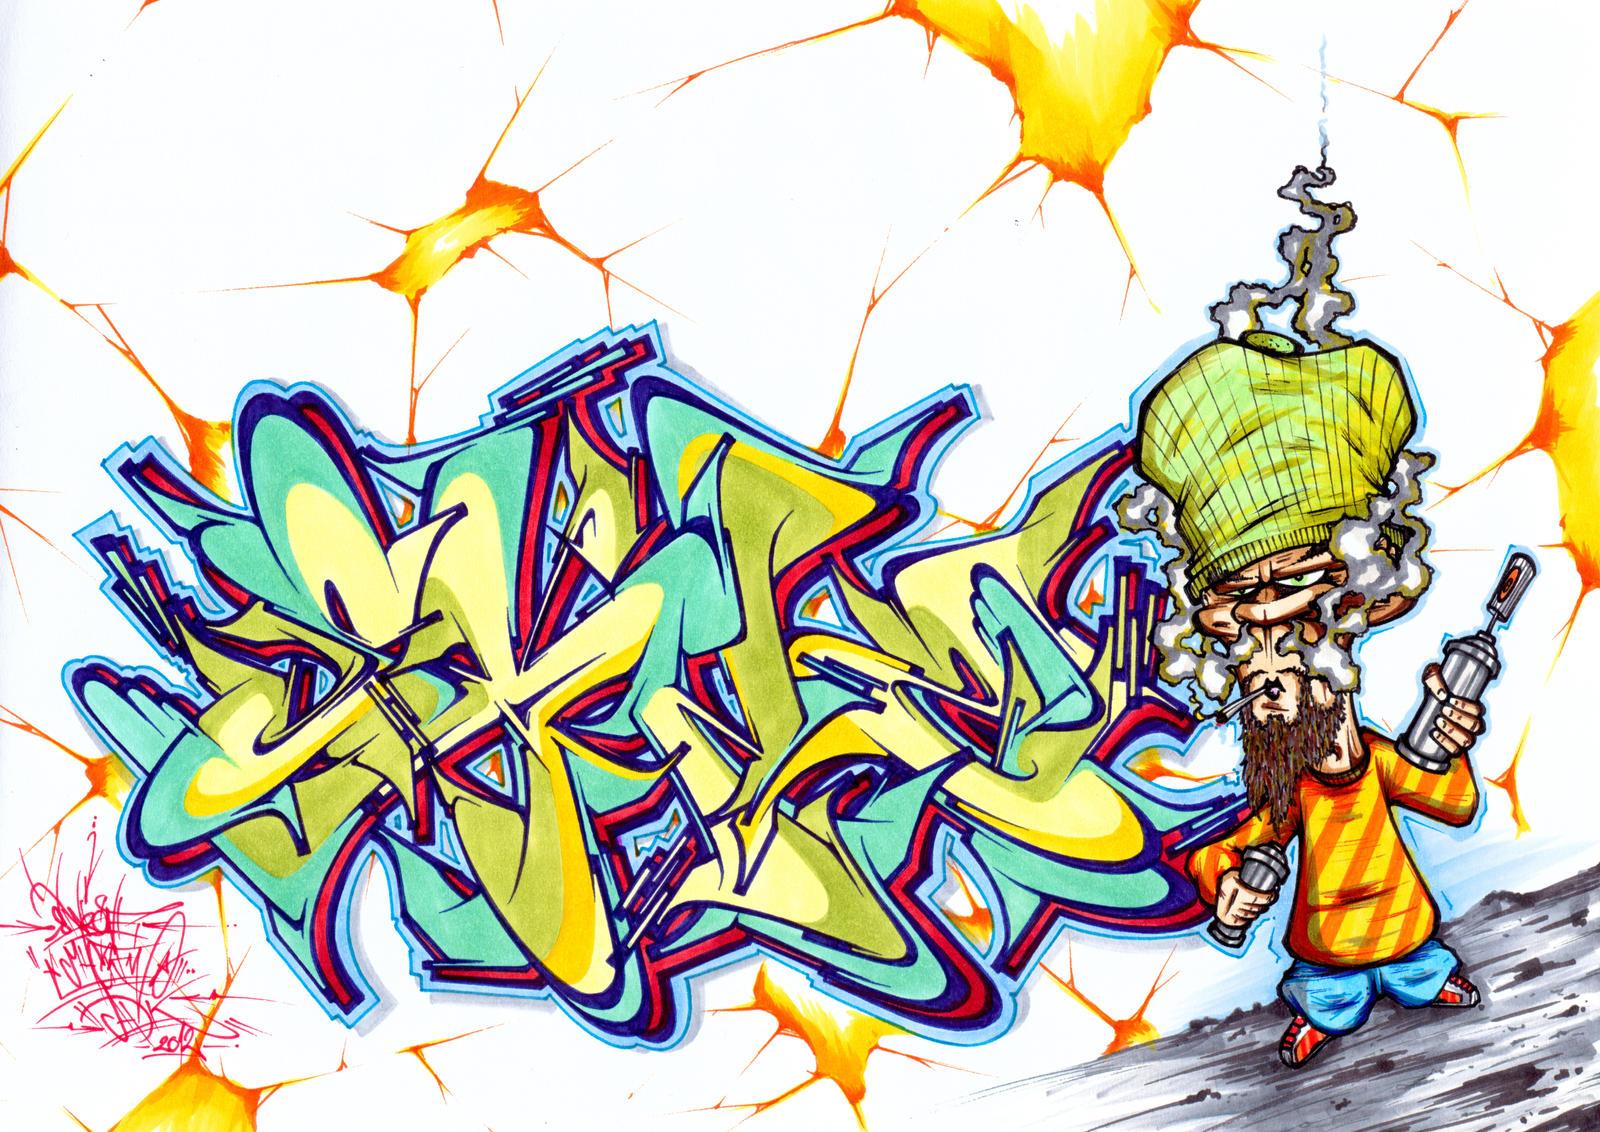 Colourscheme by SANS-01-2-MHC-BS